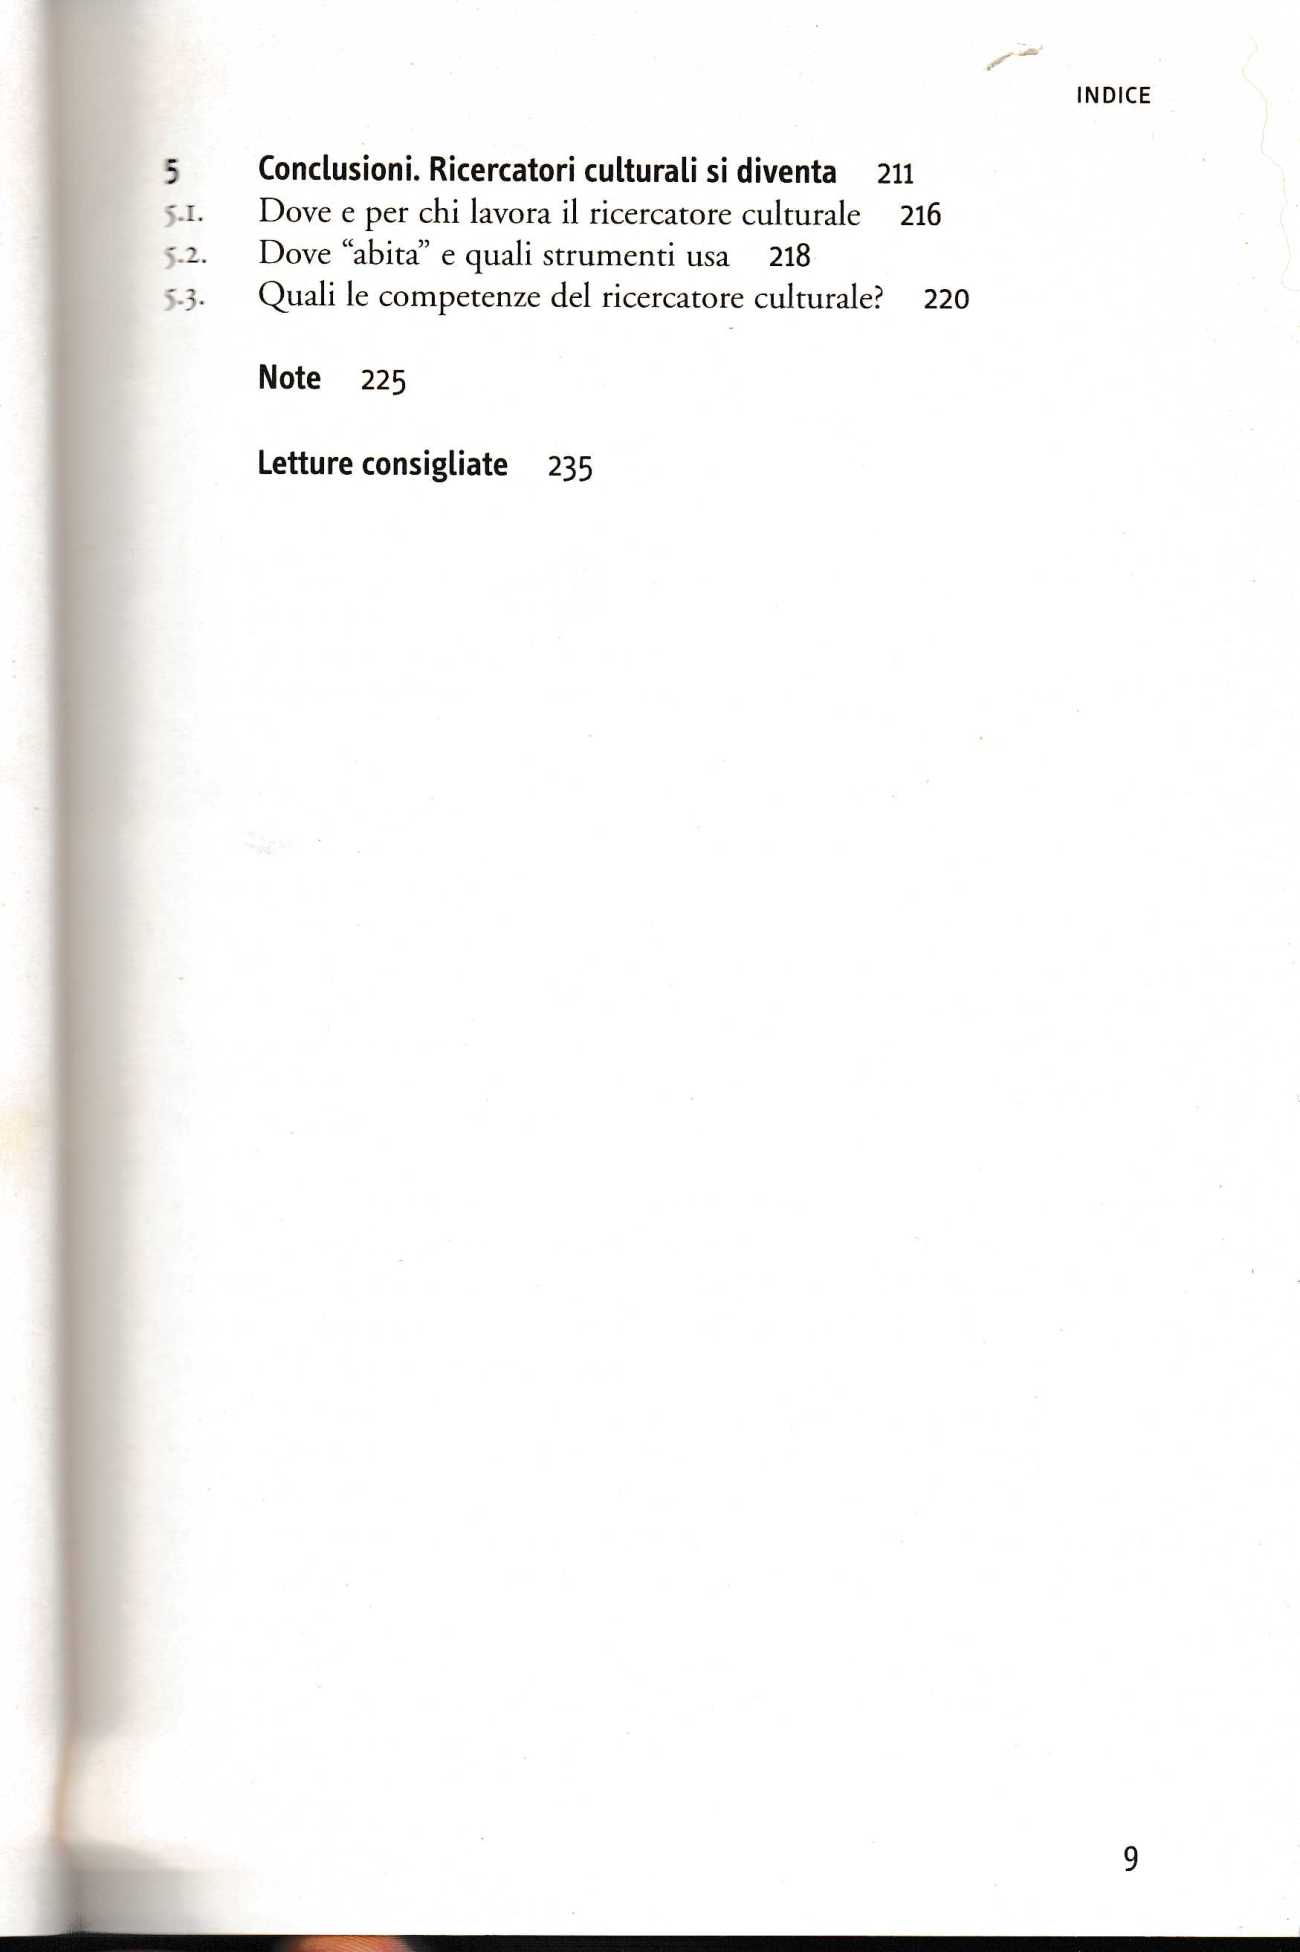 SIMONI CULTURE ORGANIZZATIVE SERVIZI2169